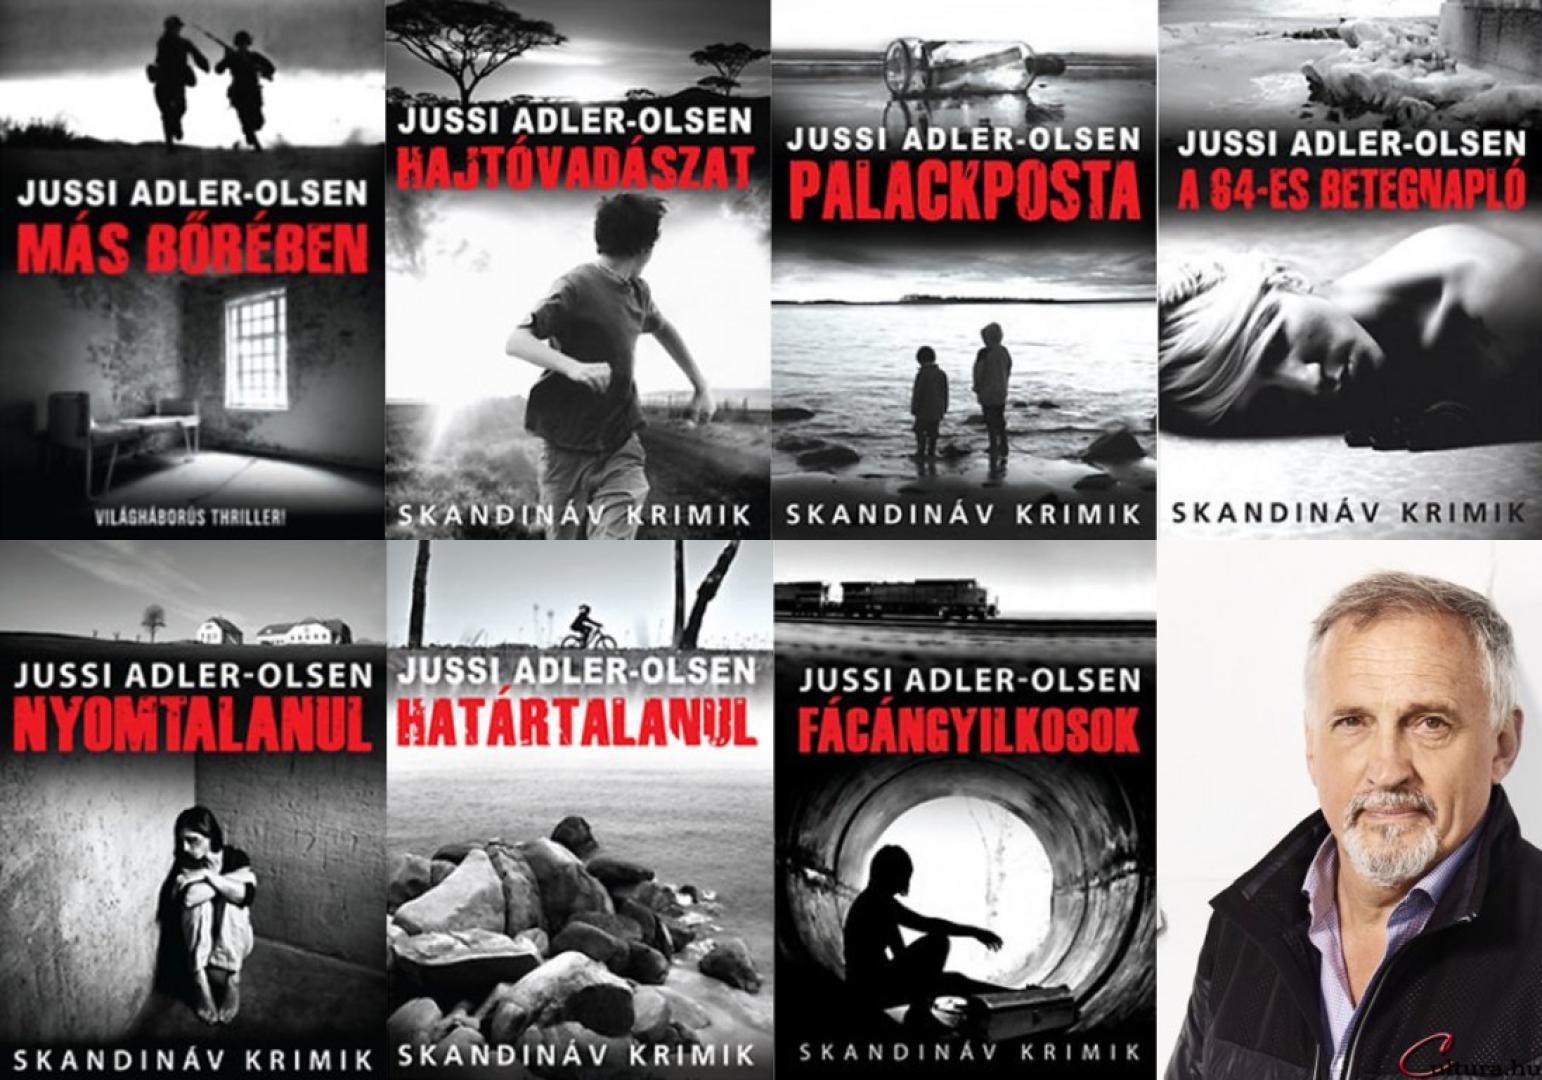 Jussi Adler-Olsen: Határtalanul (2015)